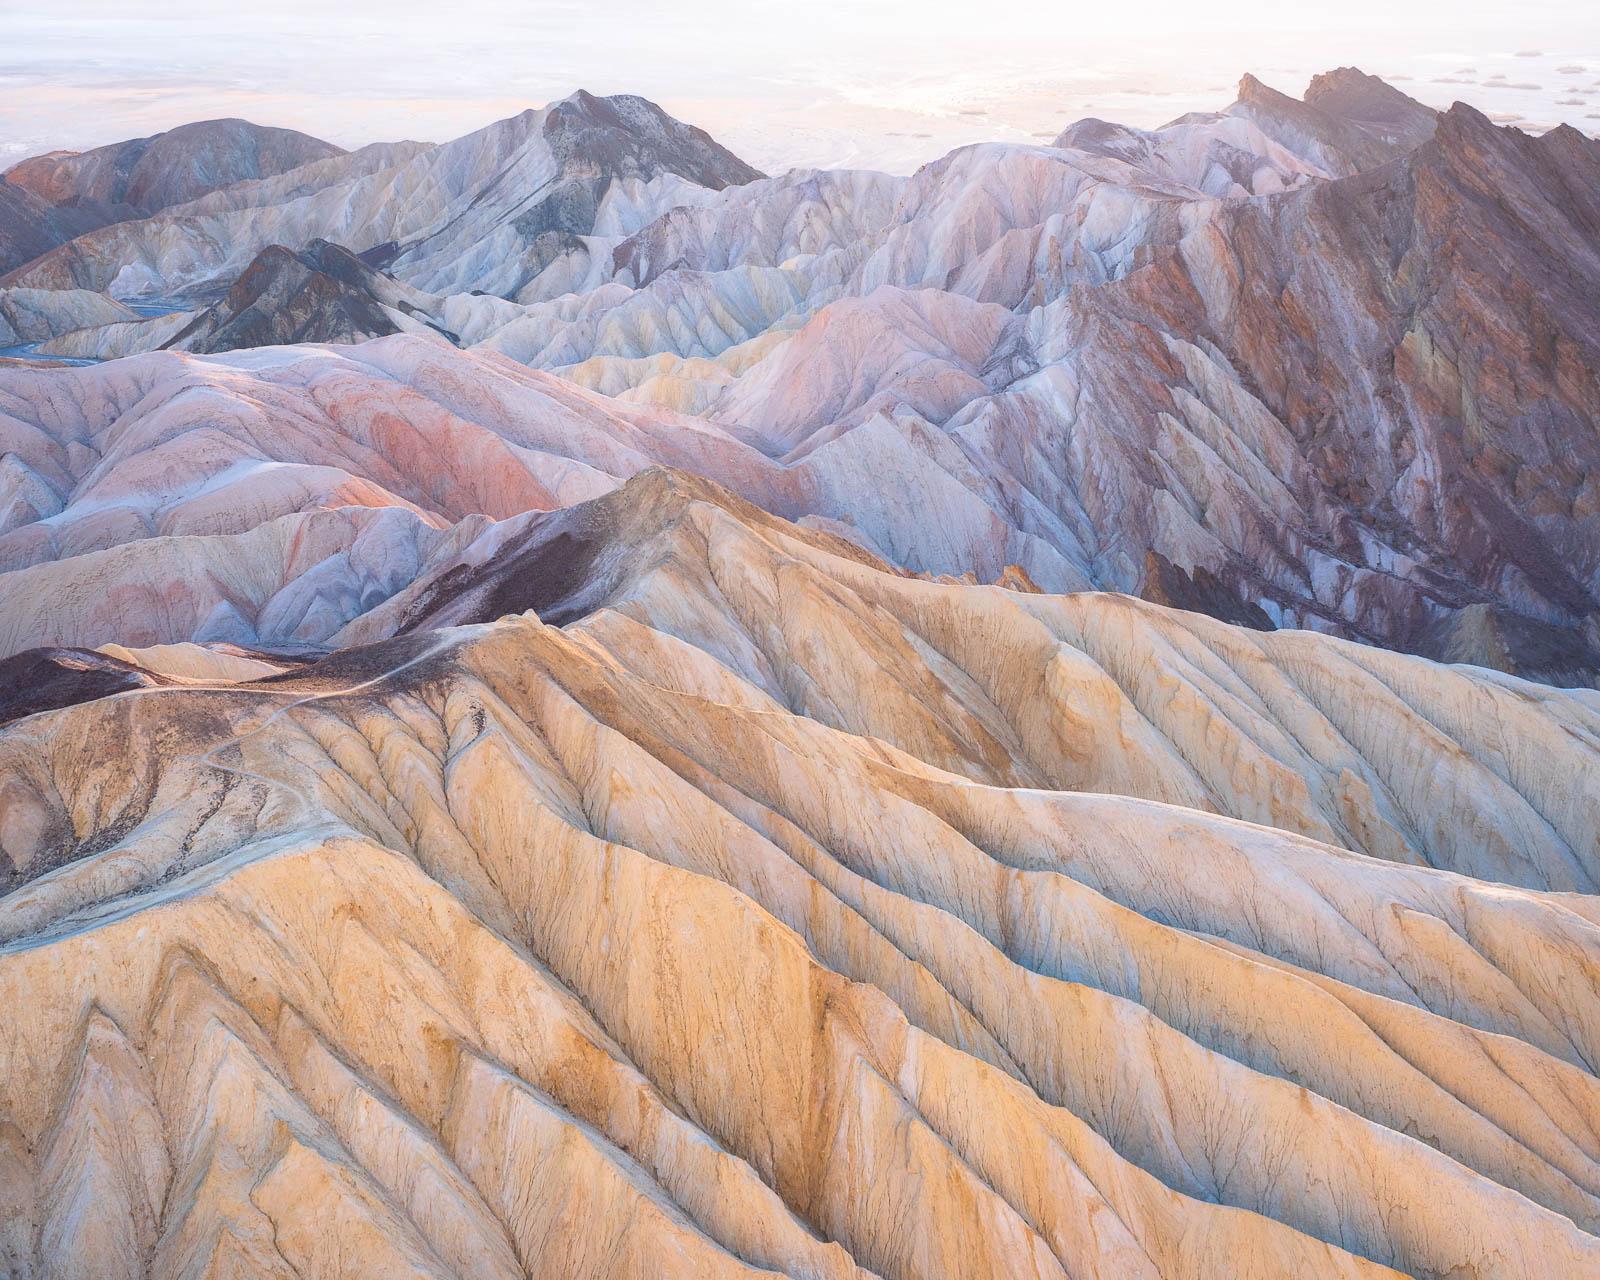 badlands, california, death valley national park, landscape orientation, pastel, red, yellow, zabriskie point, mojave desert